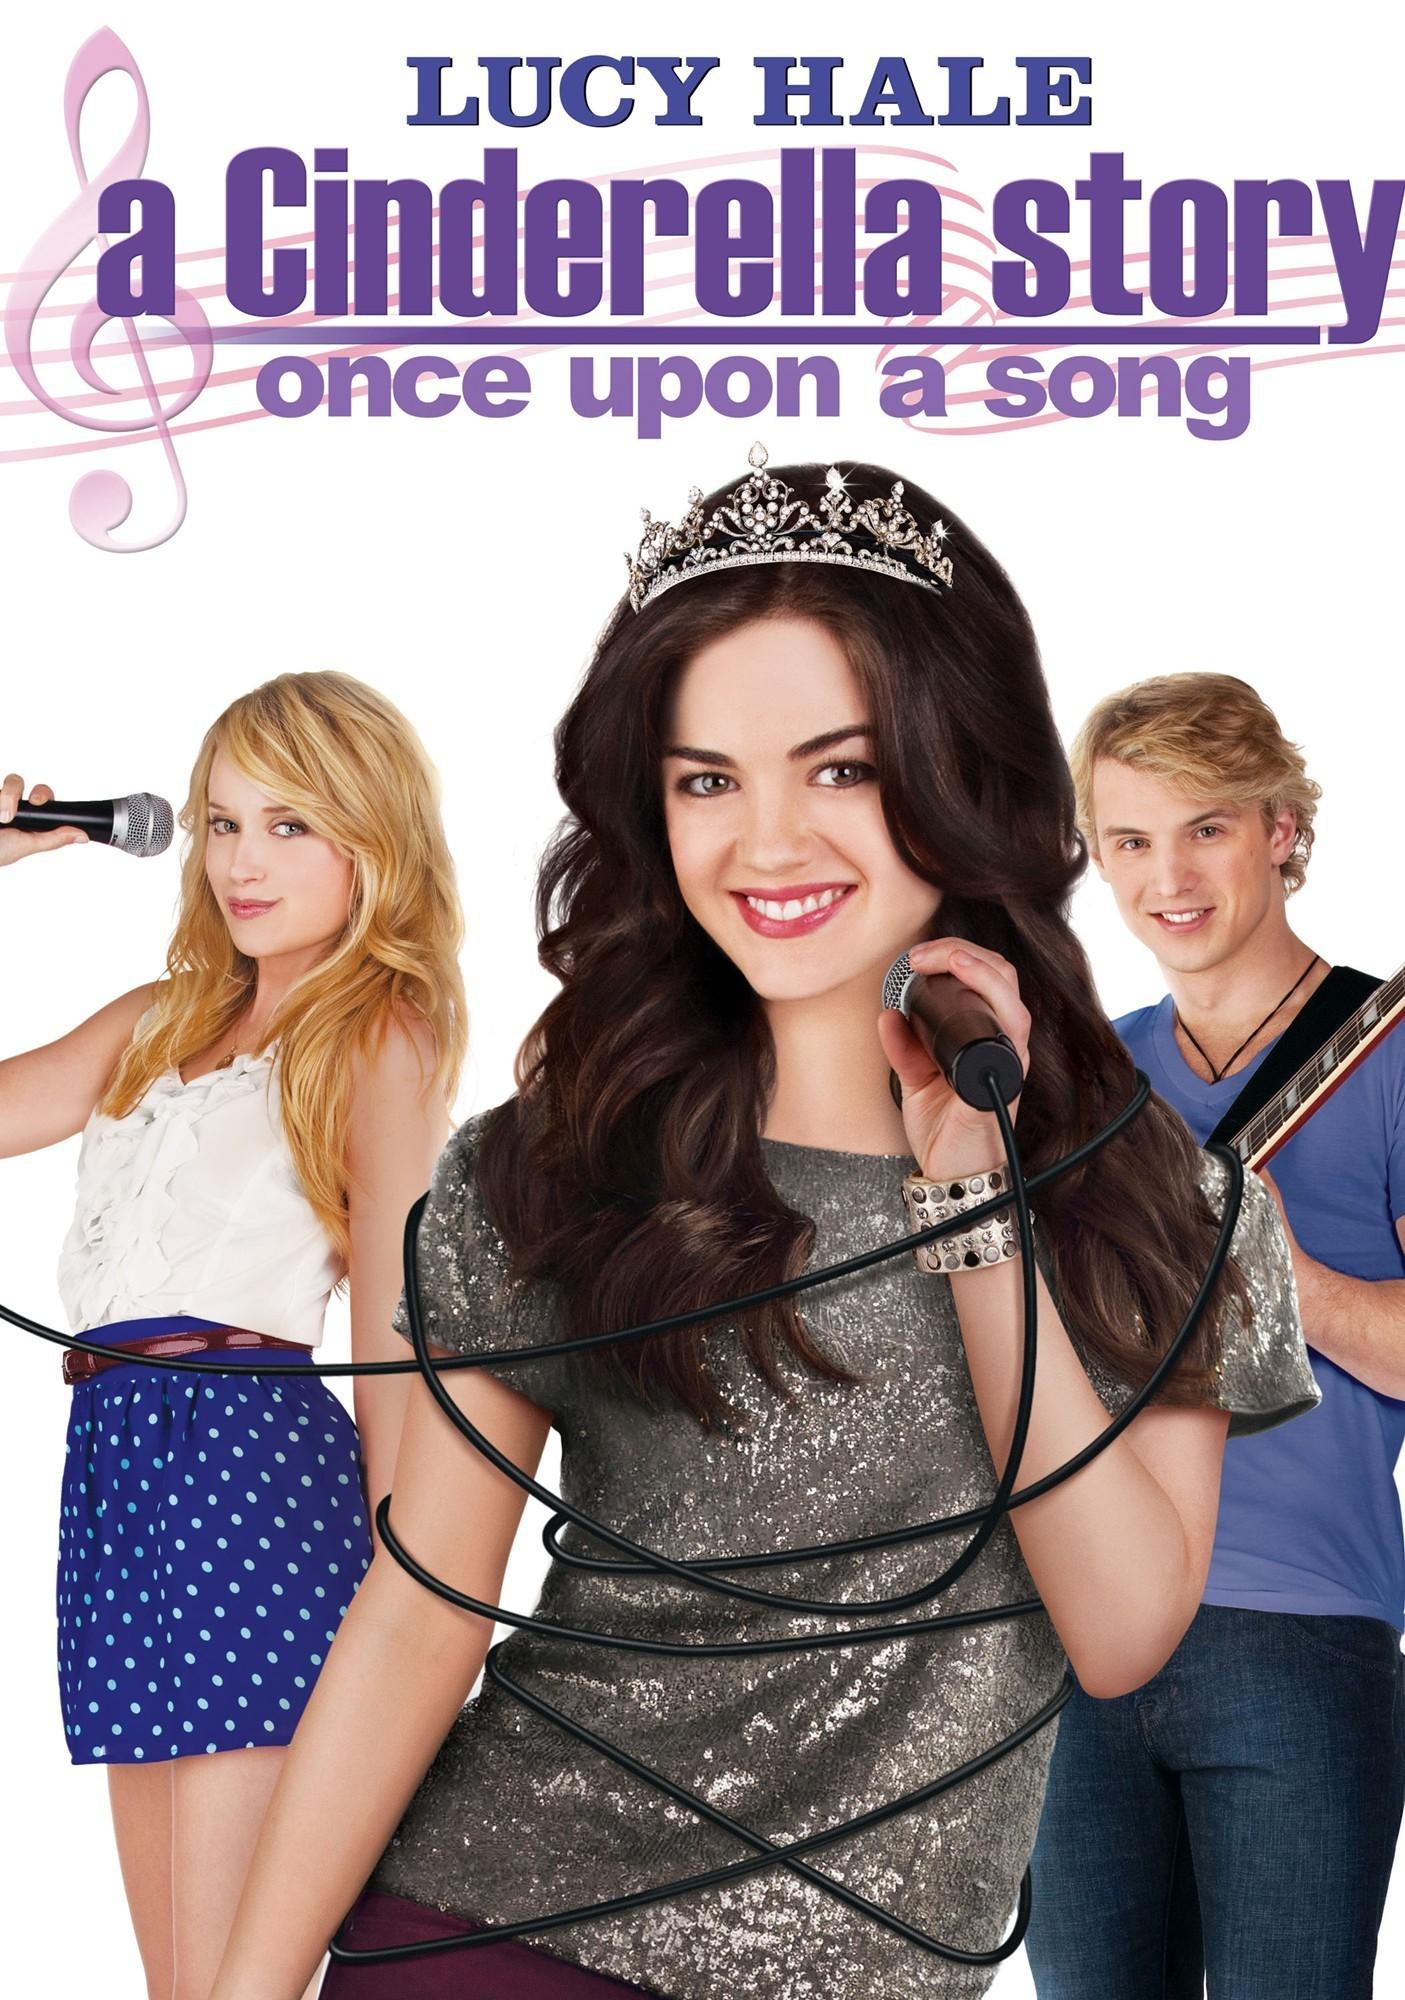 Πόστερ της ταινίας «Μια Σύγχρονη Σταχτοπούτα: Μία Φορά κι Ένα Τραγούδι (2011)»